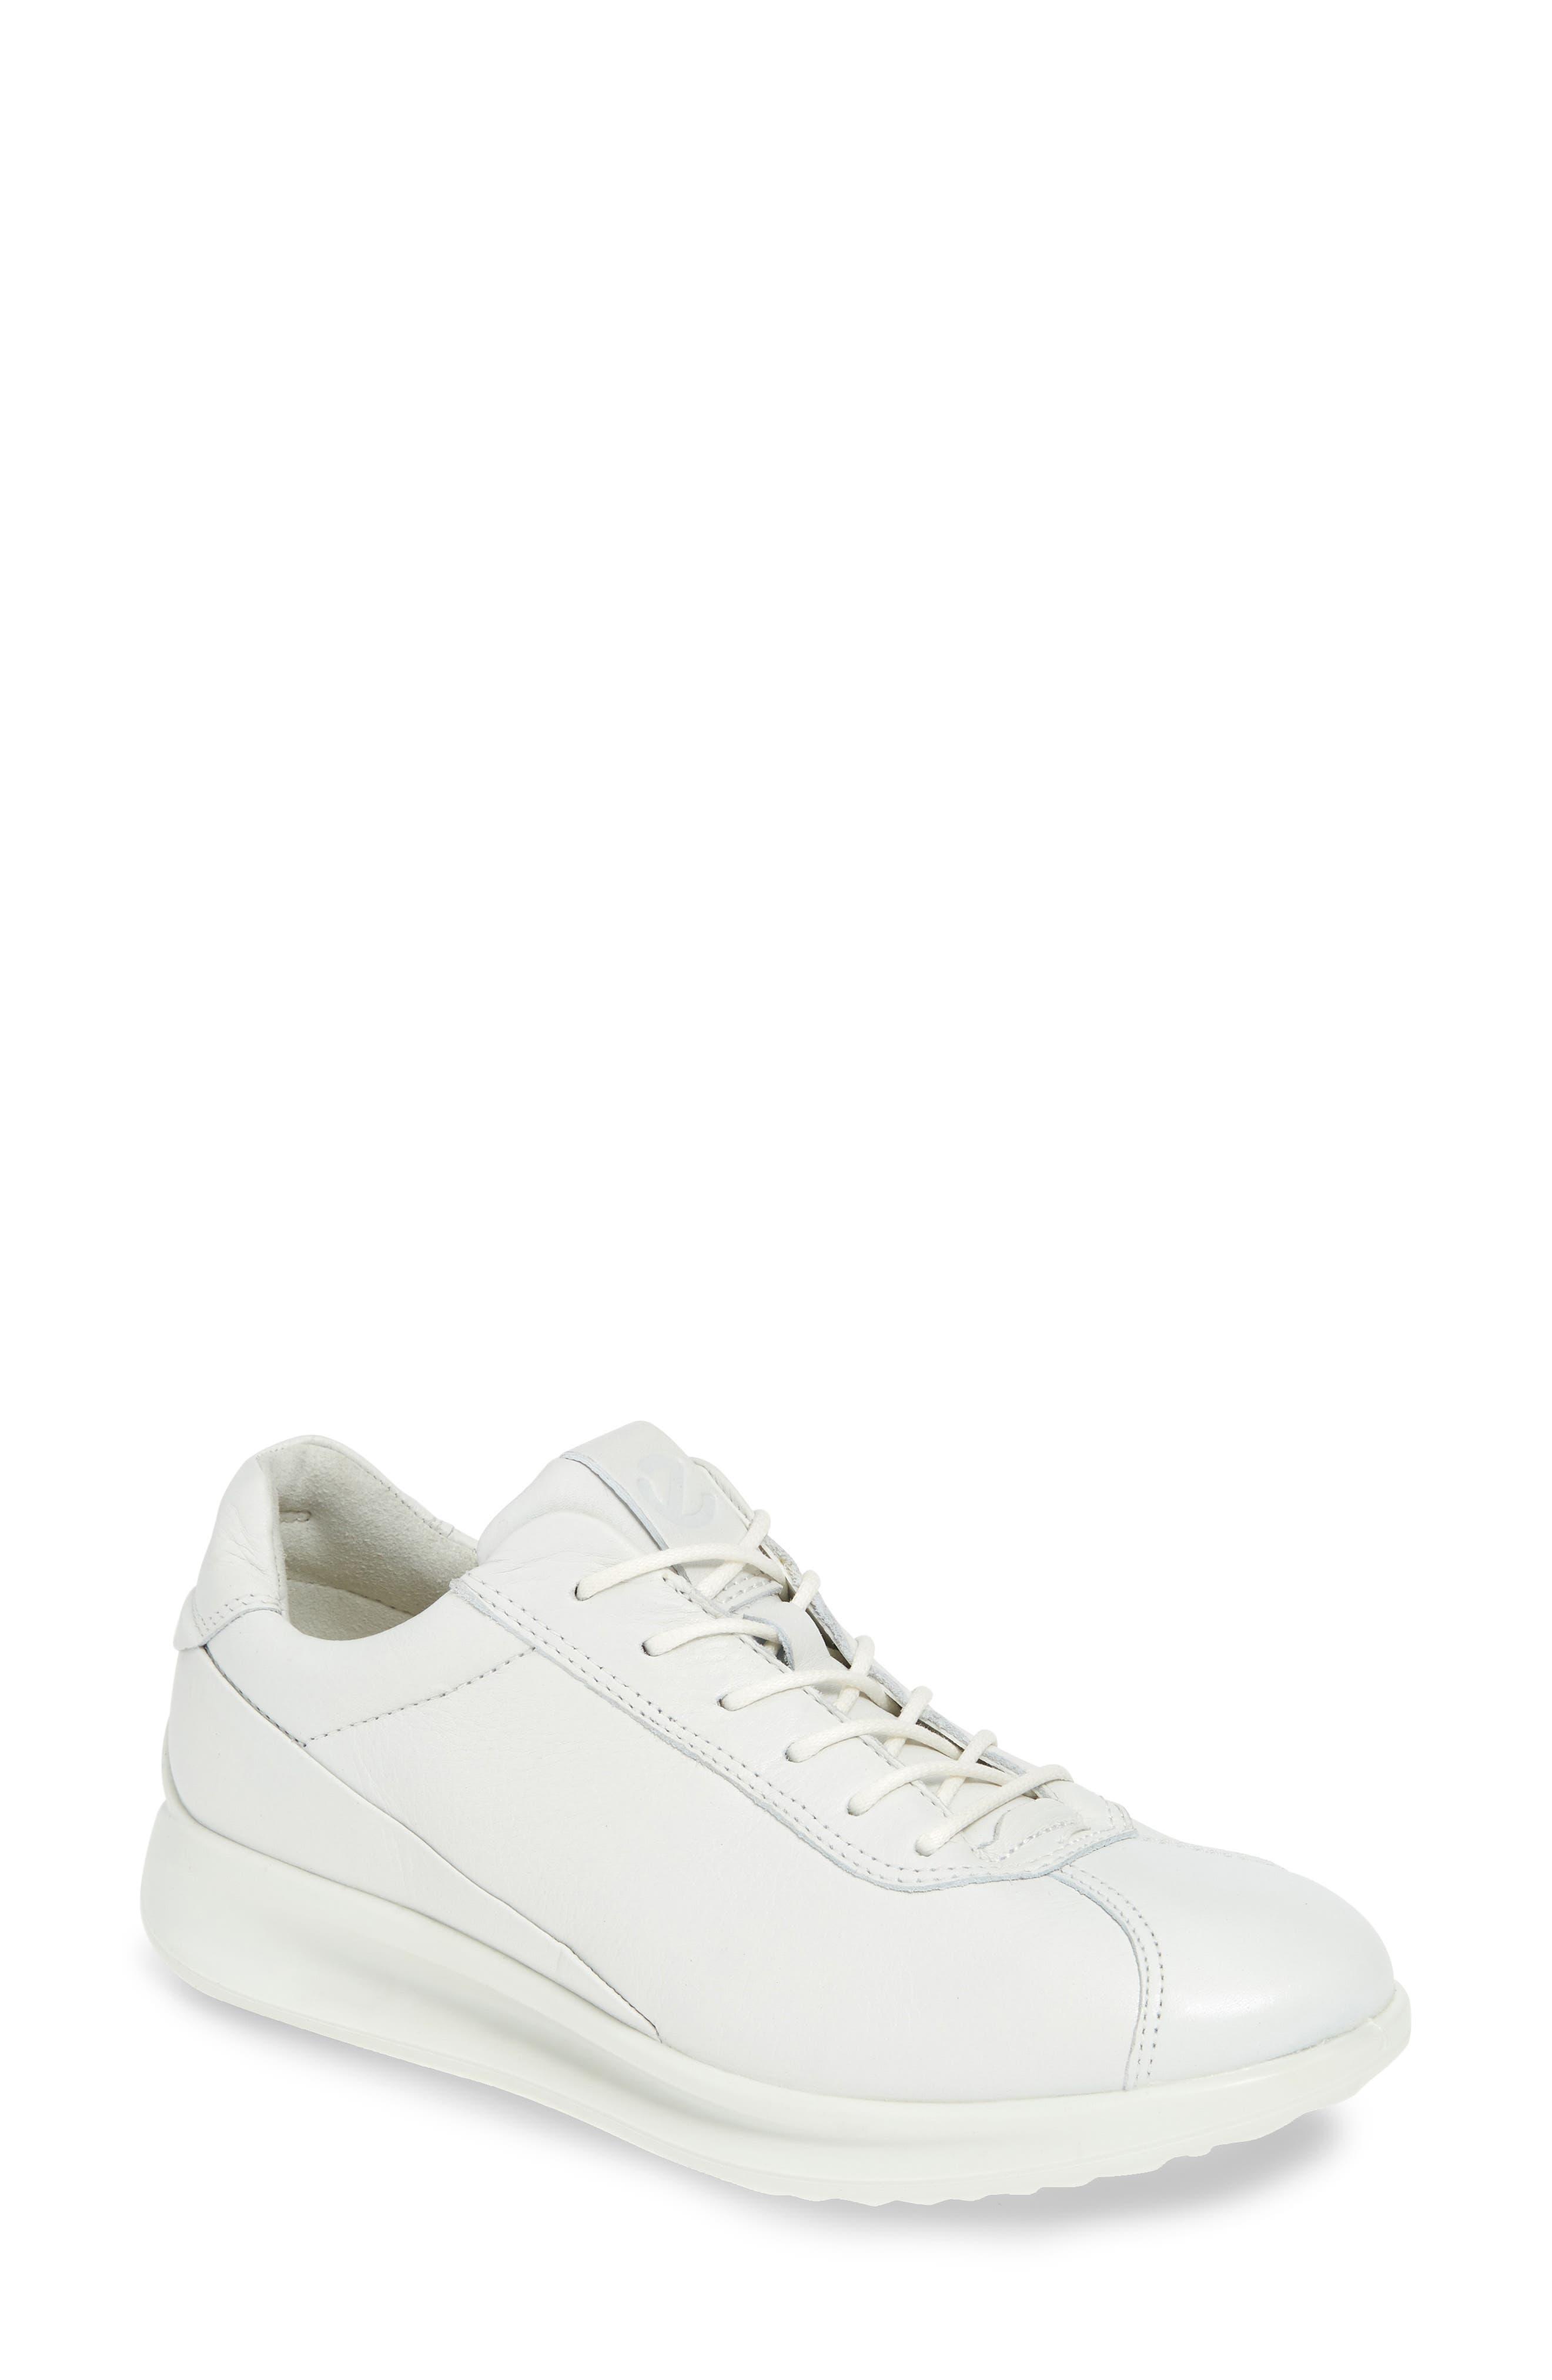 Ecco Aquet Lace-Up Sneaker